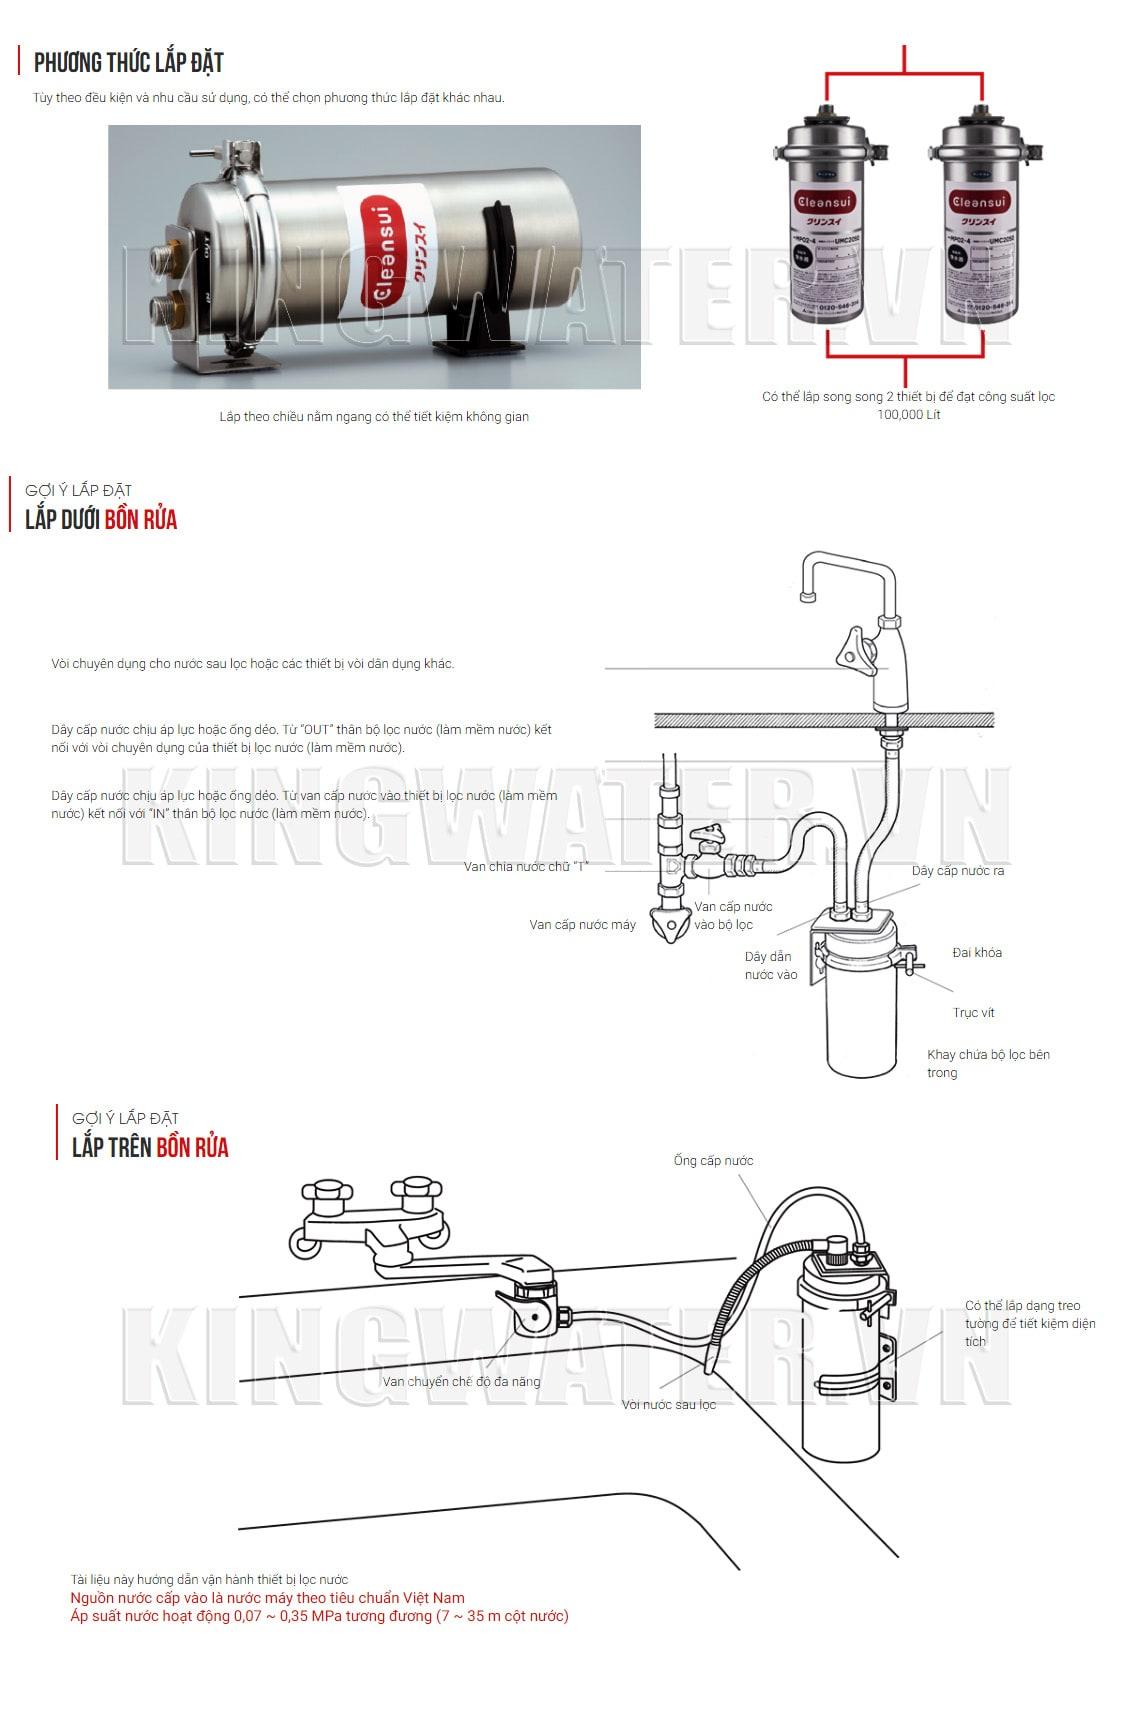 Phương thức lắp đặt máy Mitshubishi Cleansui MP02-3